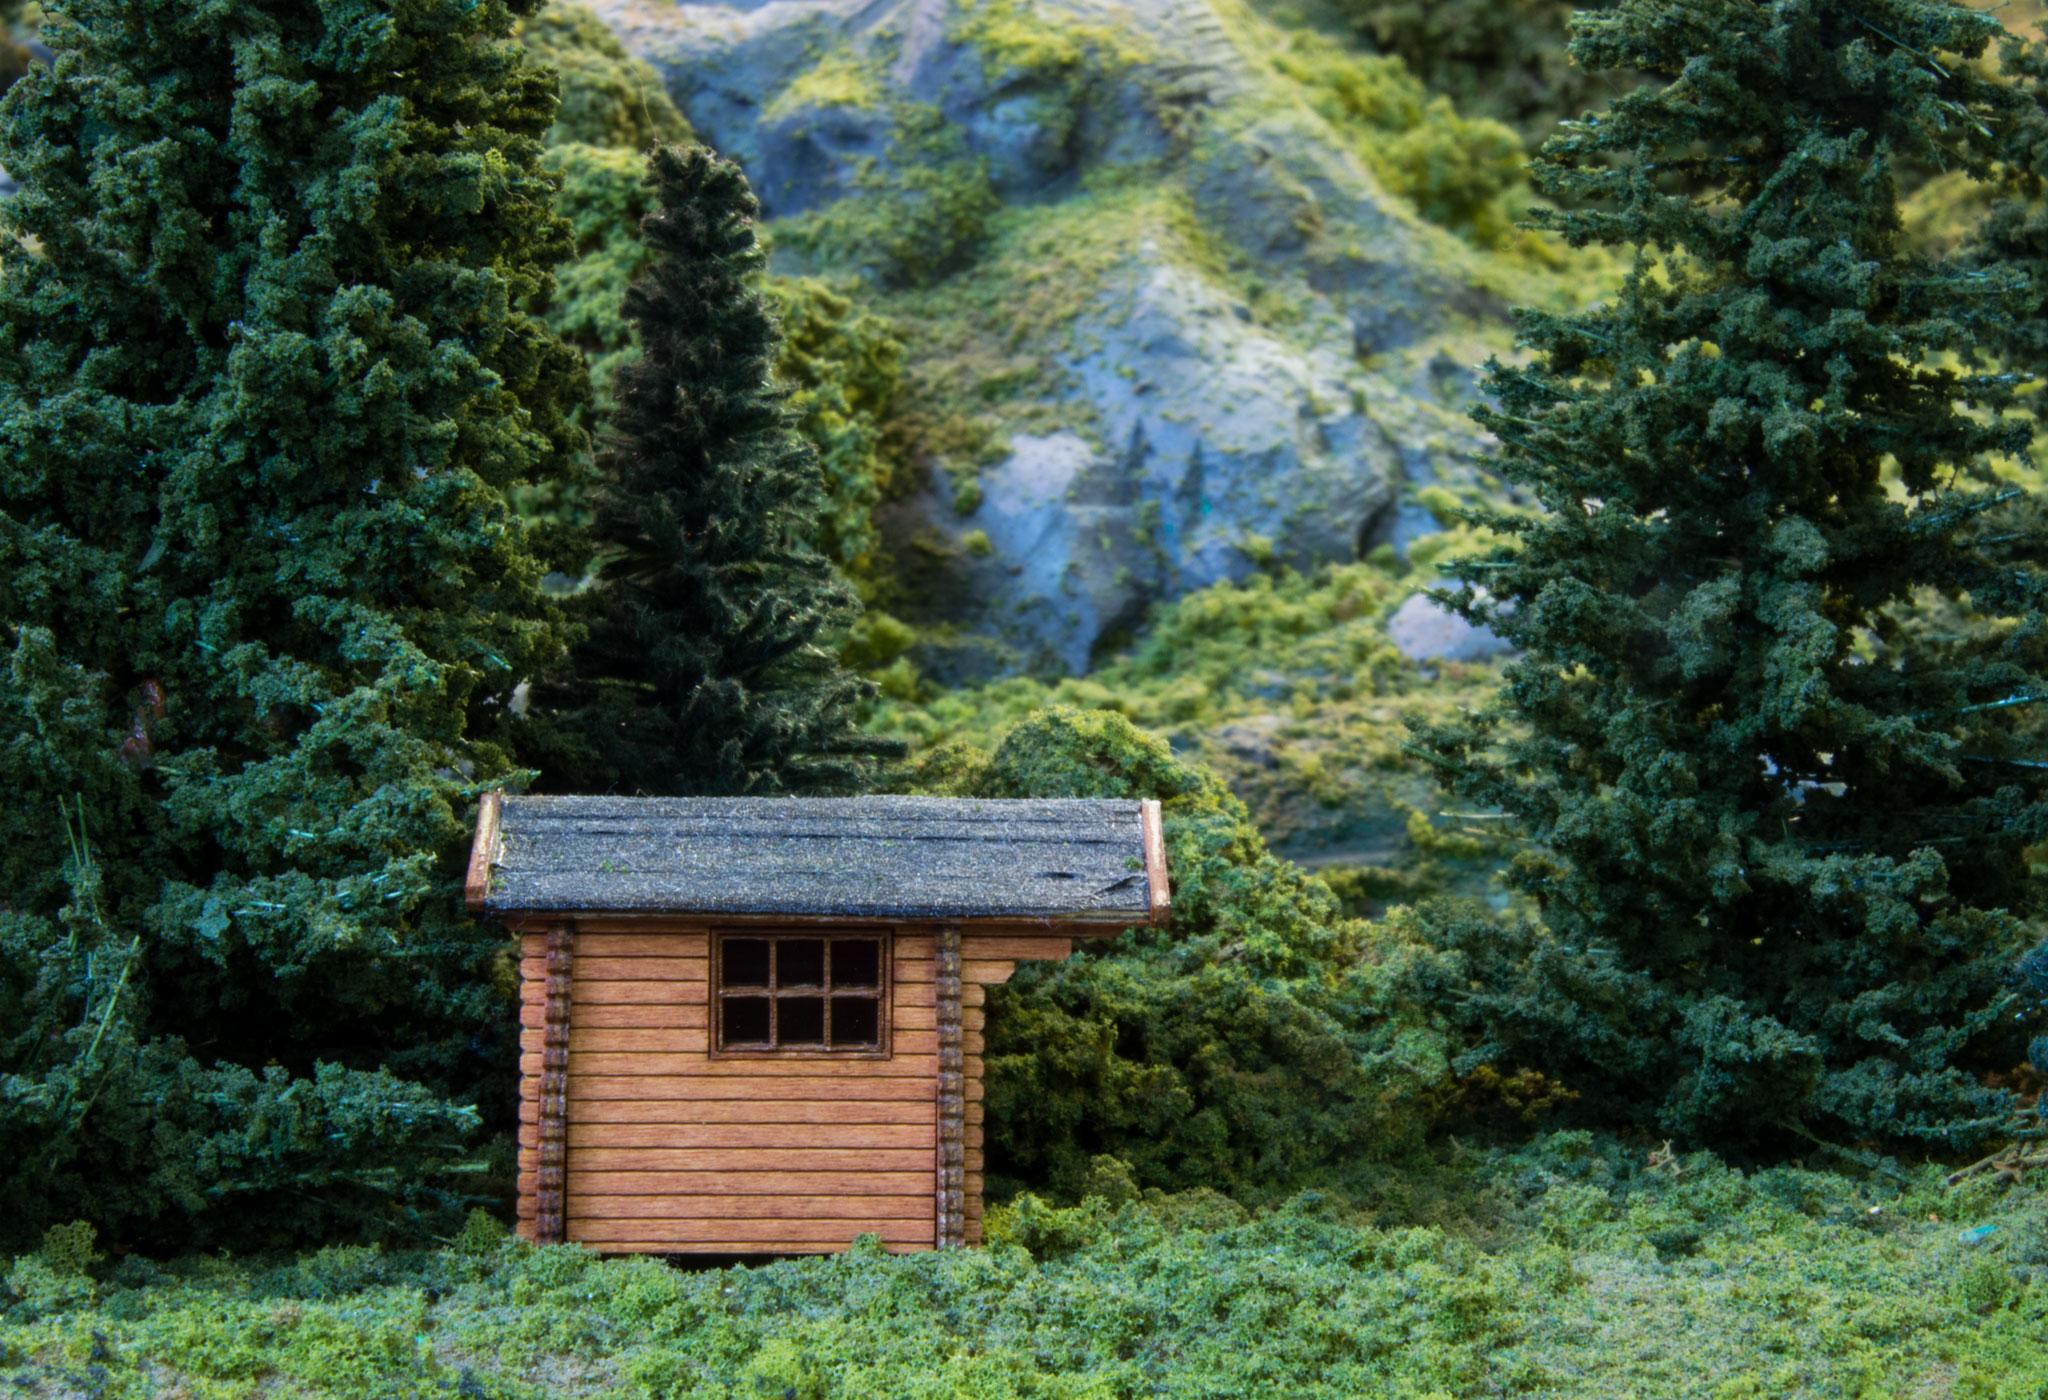 Hytte i skov